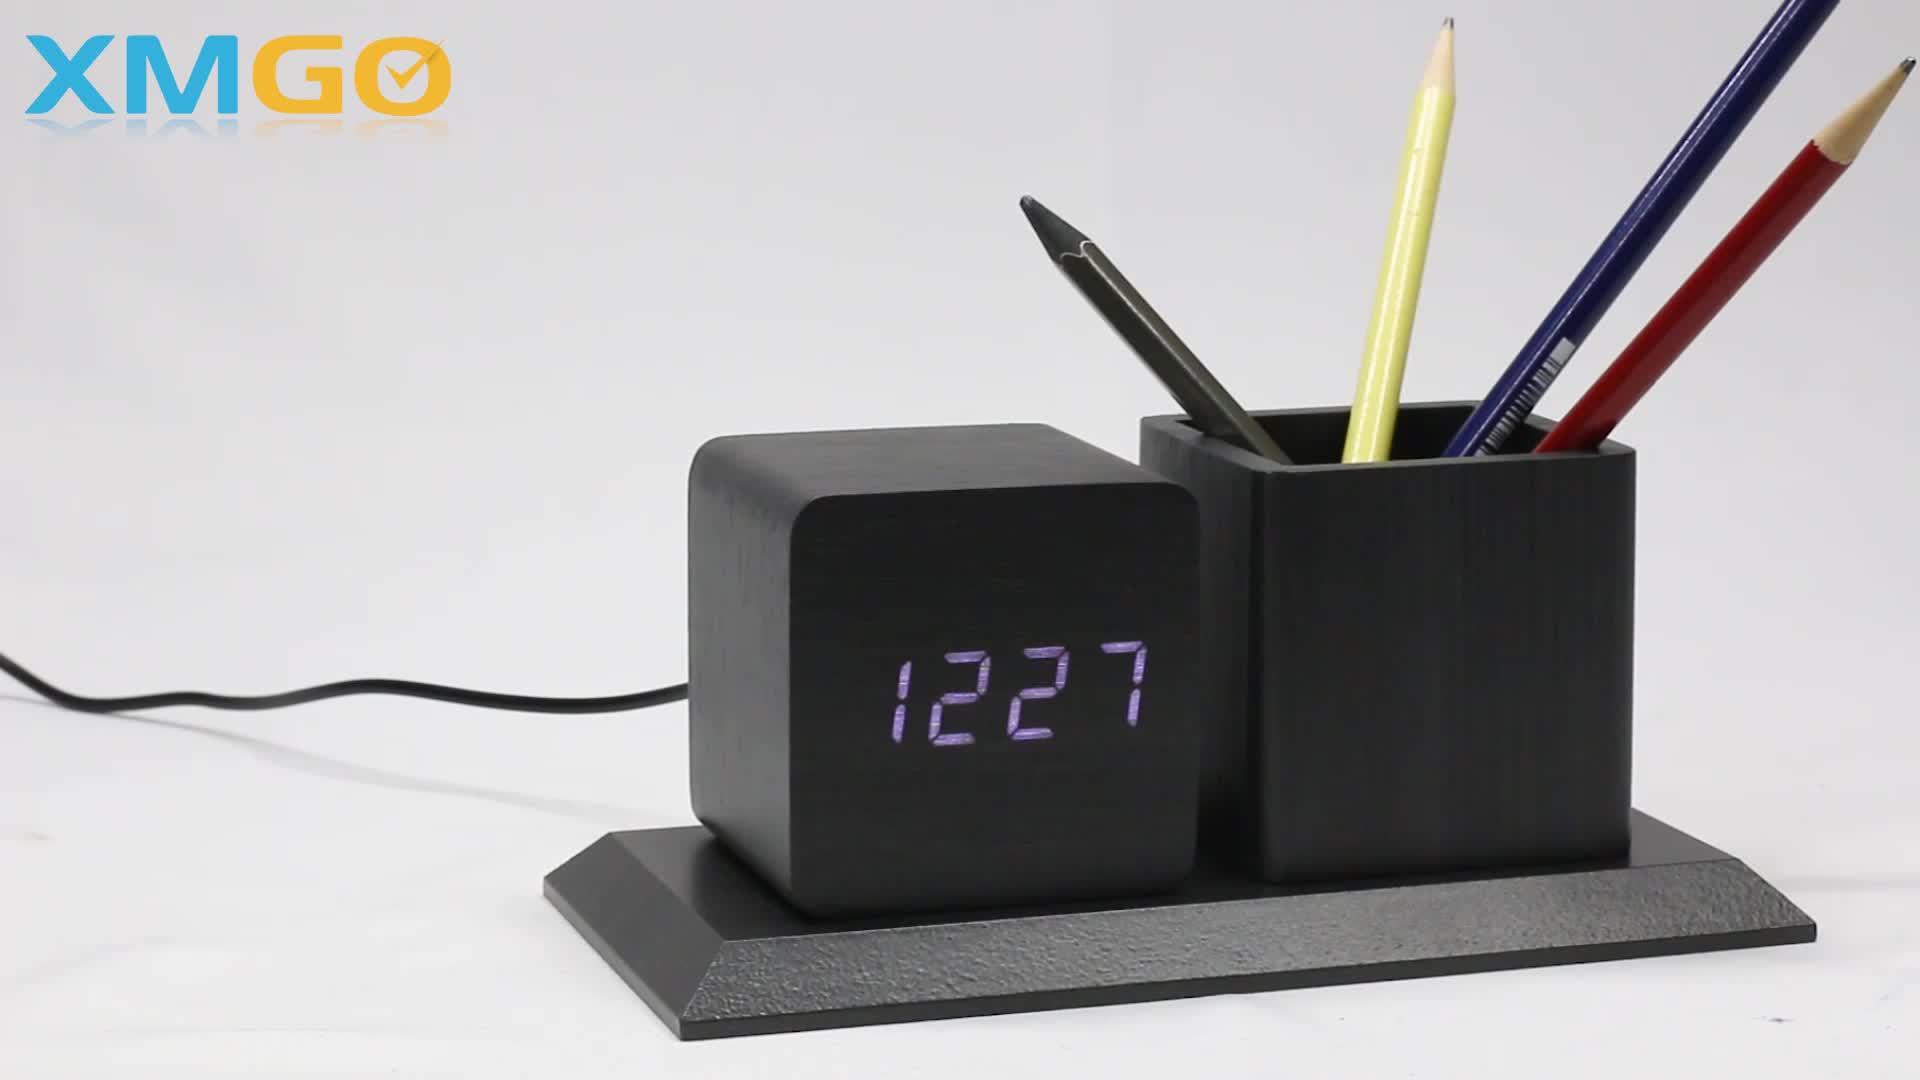 KH-WC009 Produttore Personalizzato Decor Piazza Del Basamento Kid Scrivania Tavolo di Legno Led Digital Alarm Clock Con Il Supporto Della Penna